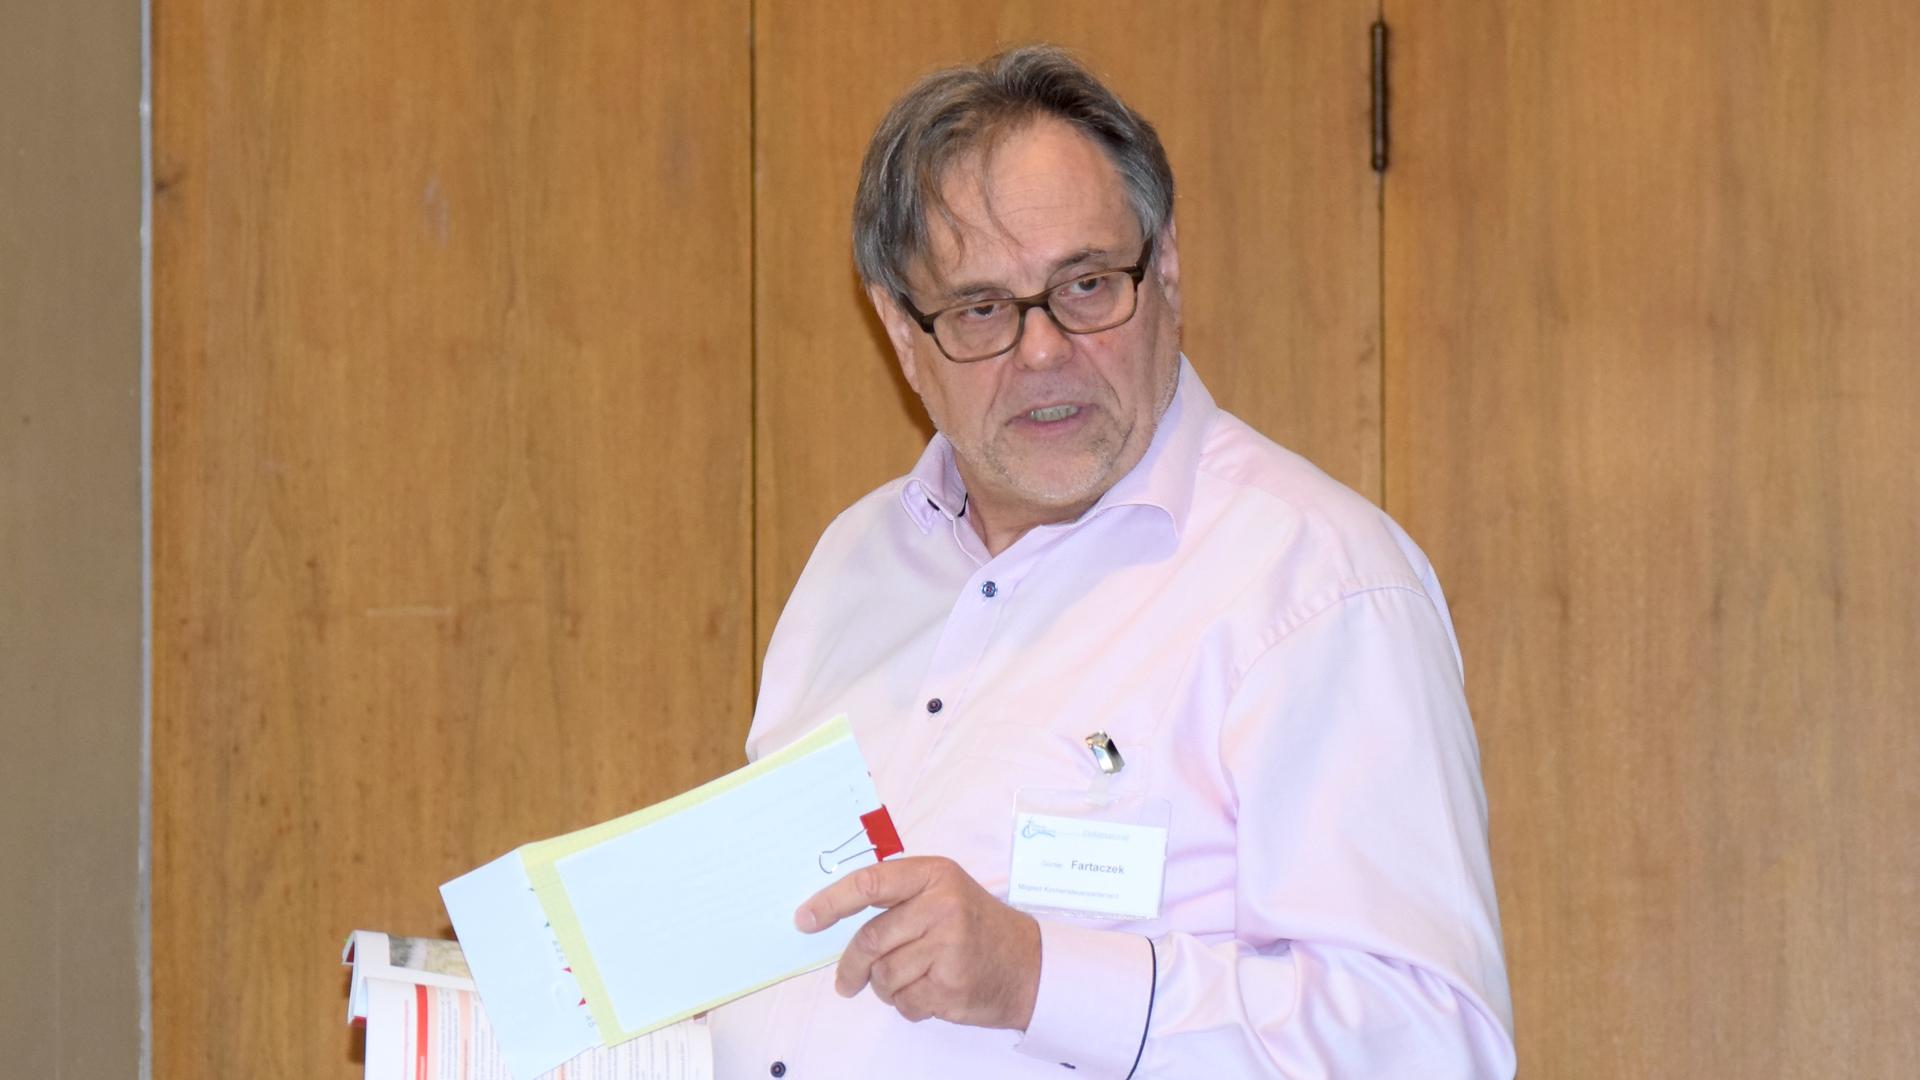 Ein Mann mit Brille hält Papiere in der Hand und spricht.